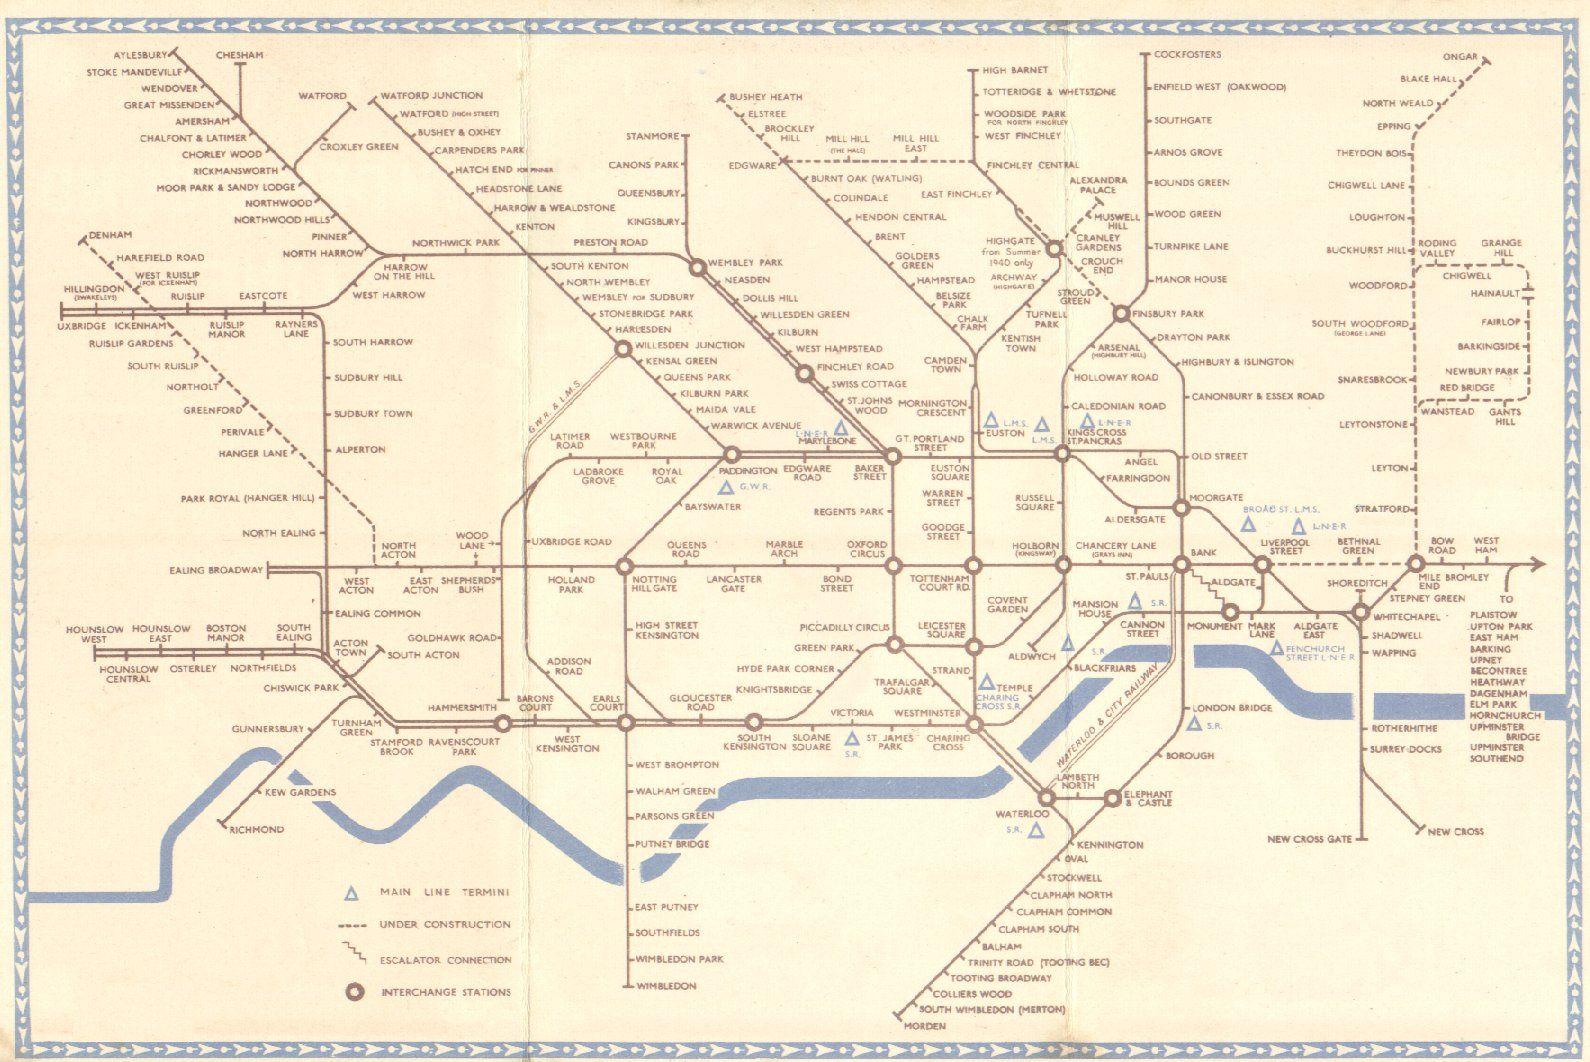 1940 Subway Map.1940 Underground Lines Schleger In Wartime Monocrome London